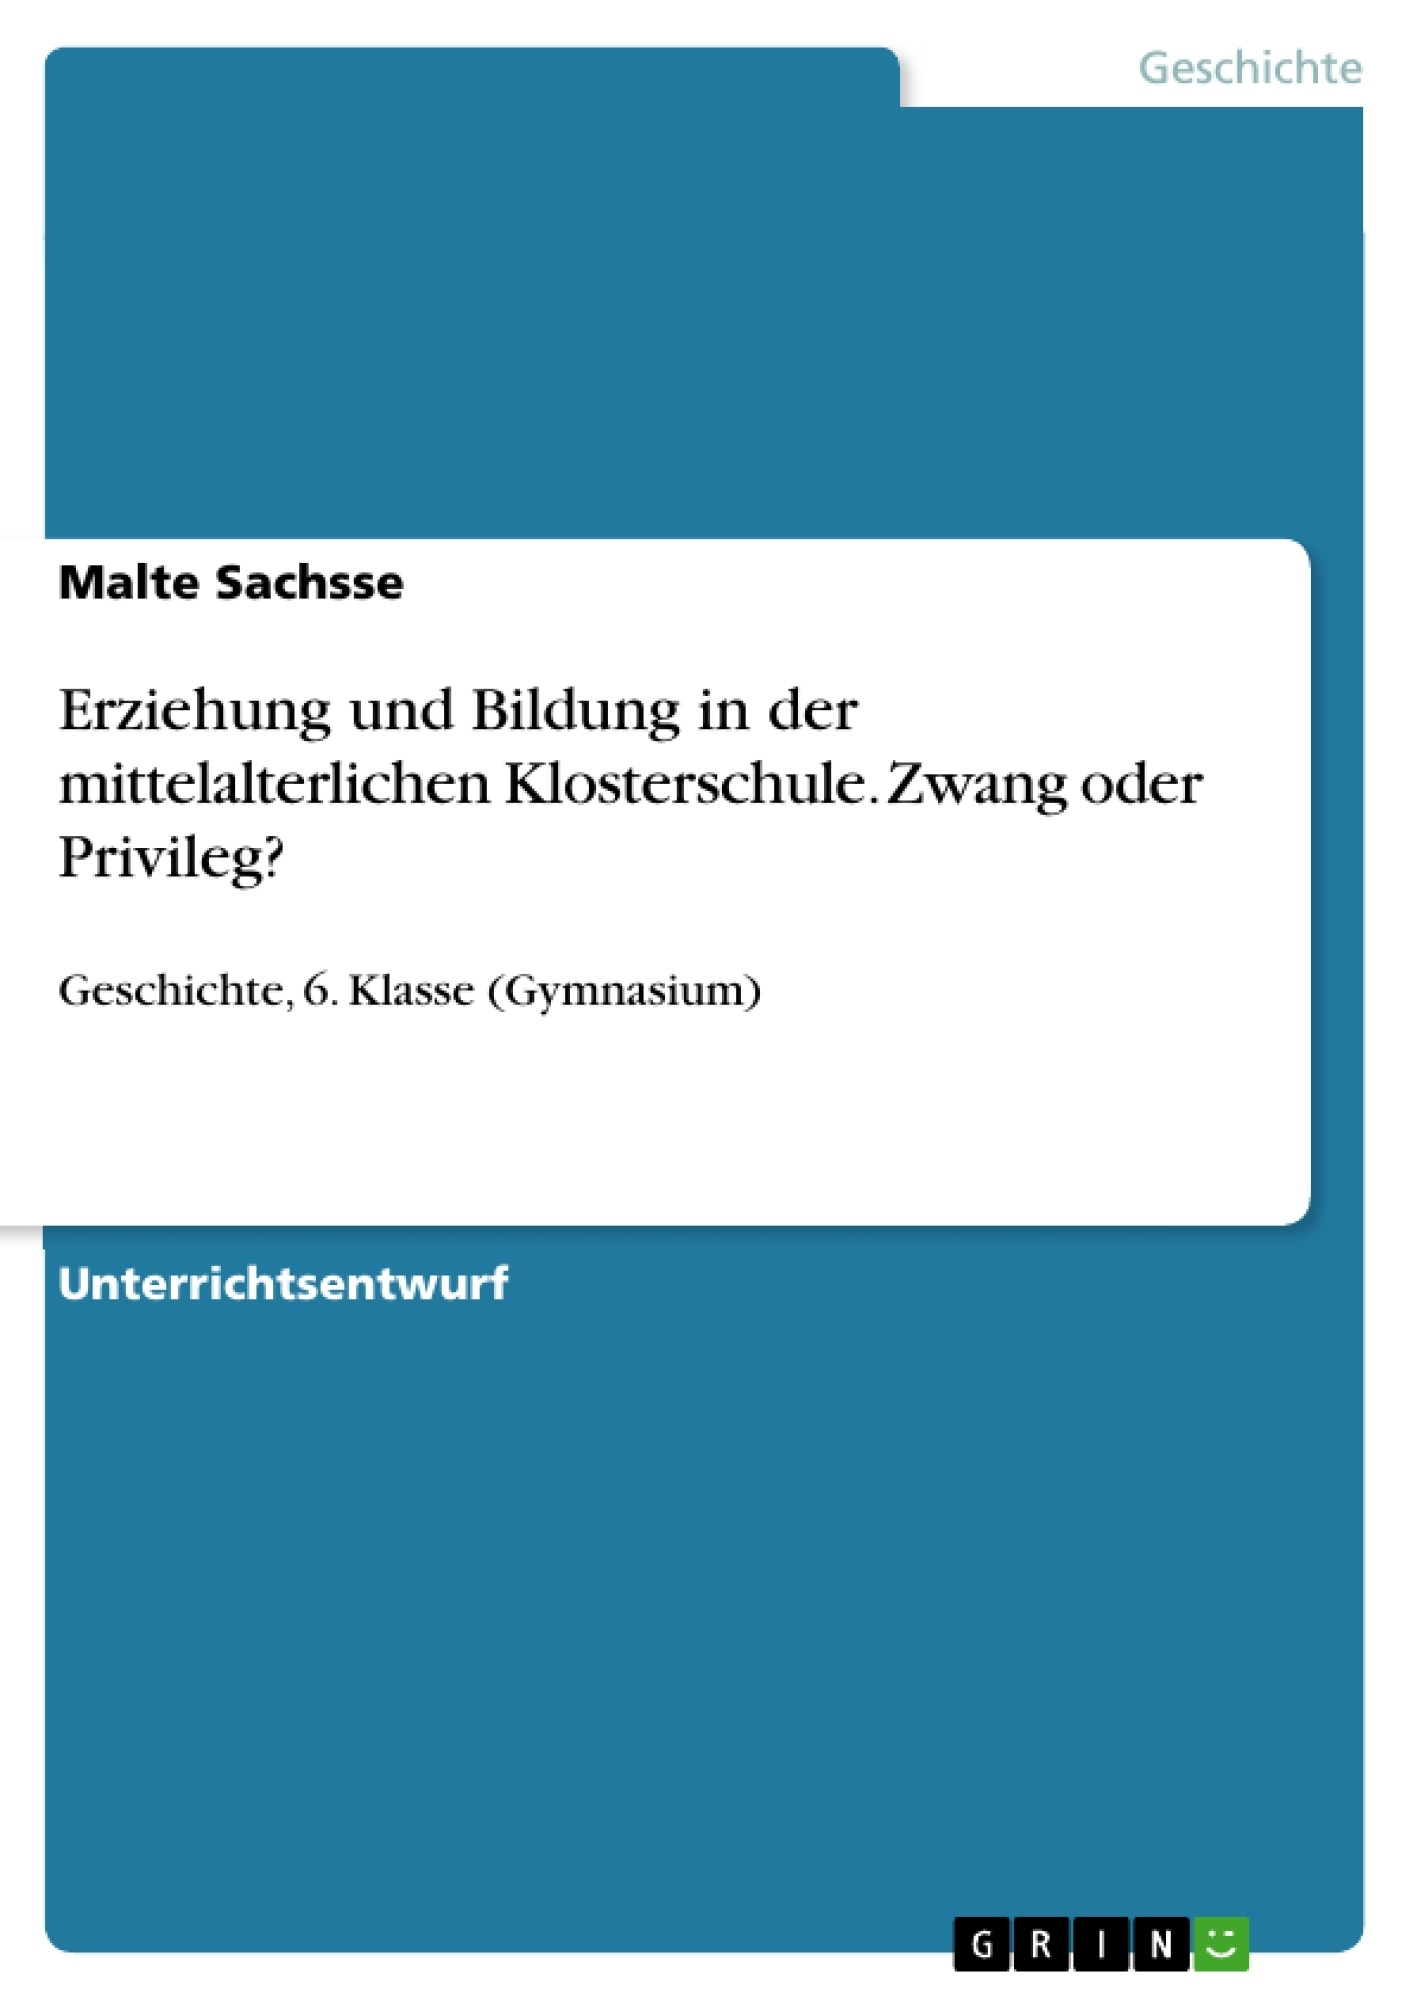 Titel: Erziehung und Bildung in der mittelalterlichen Klosterschule. Zwang oder Privileg?